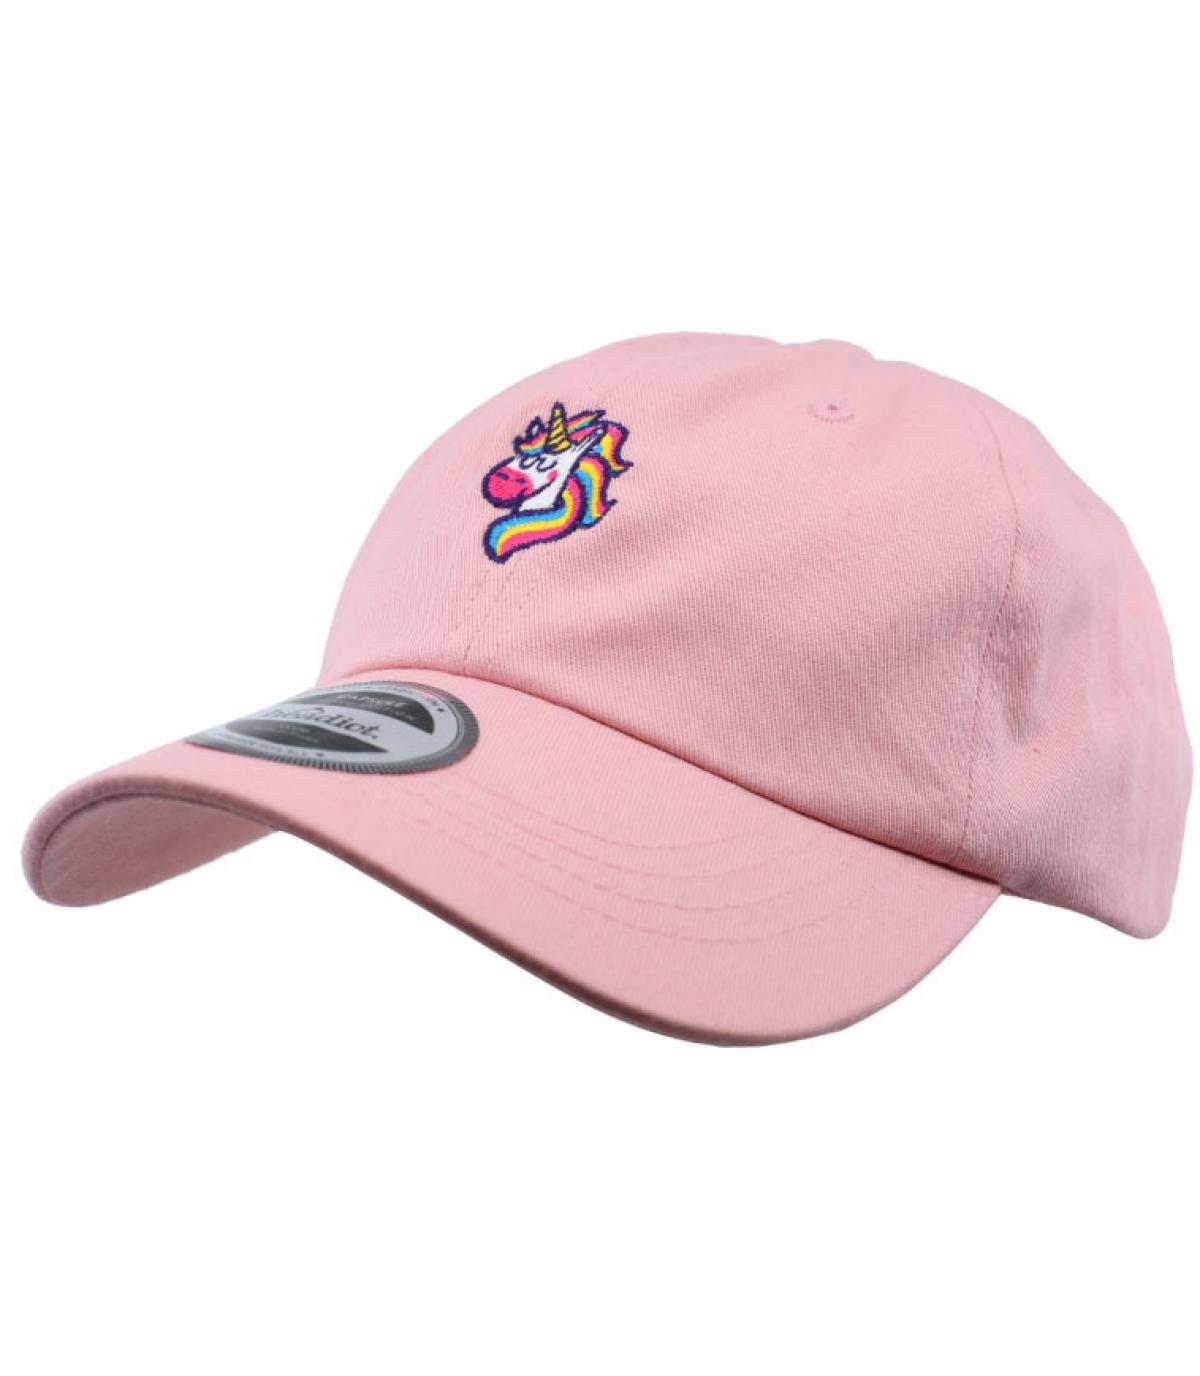 Dettagli Casquette Unicorns Are Real pink - image 2